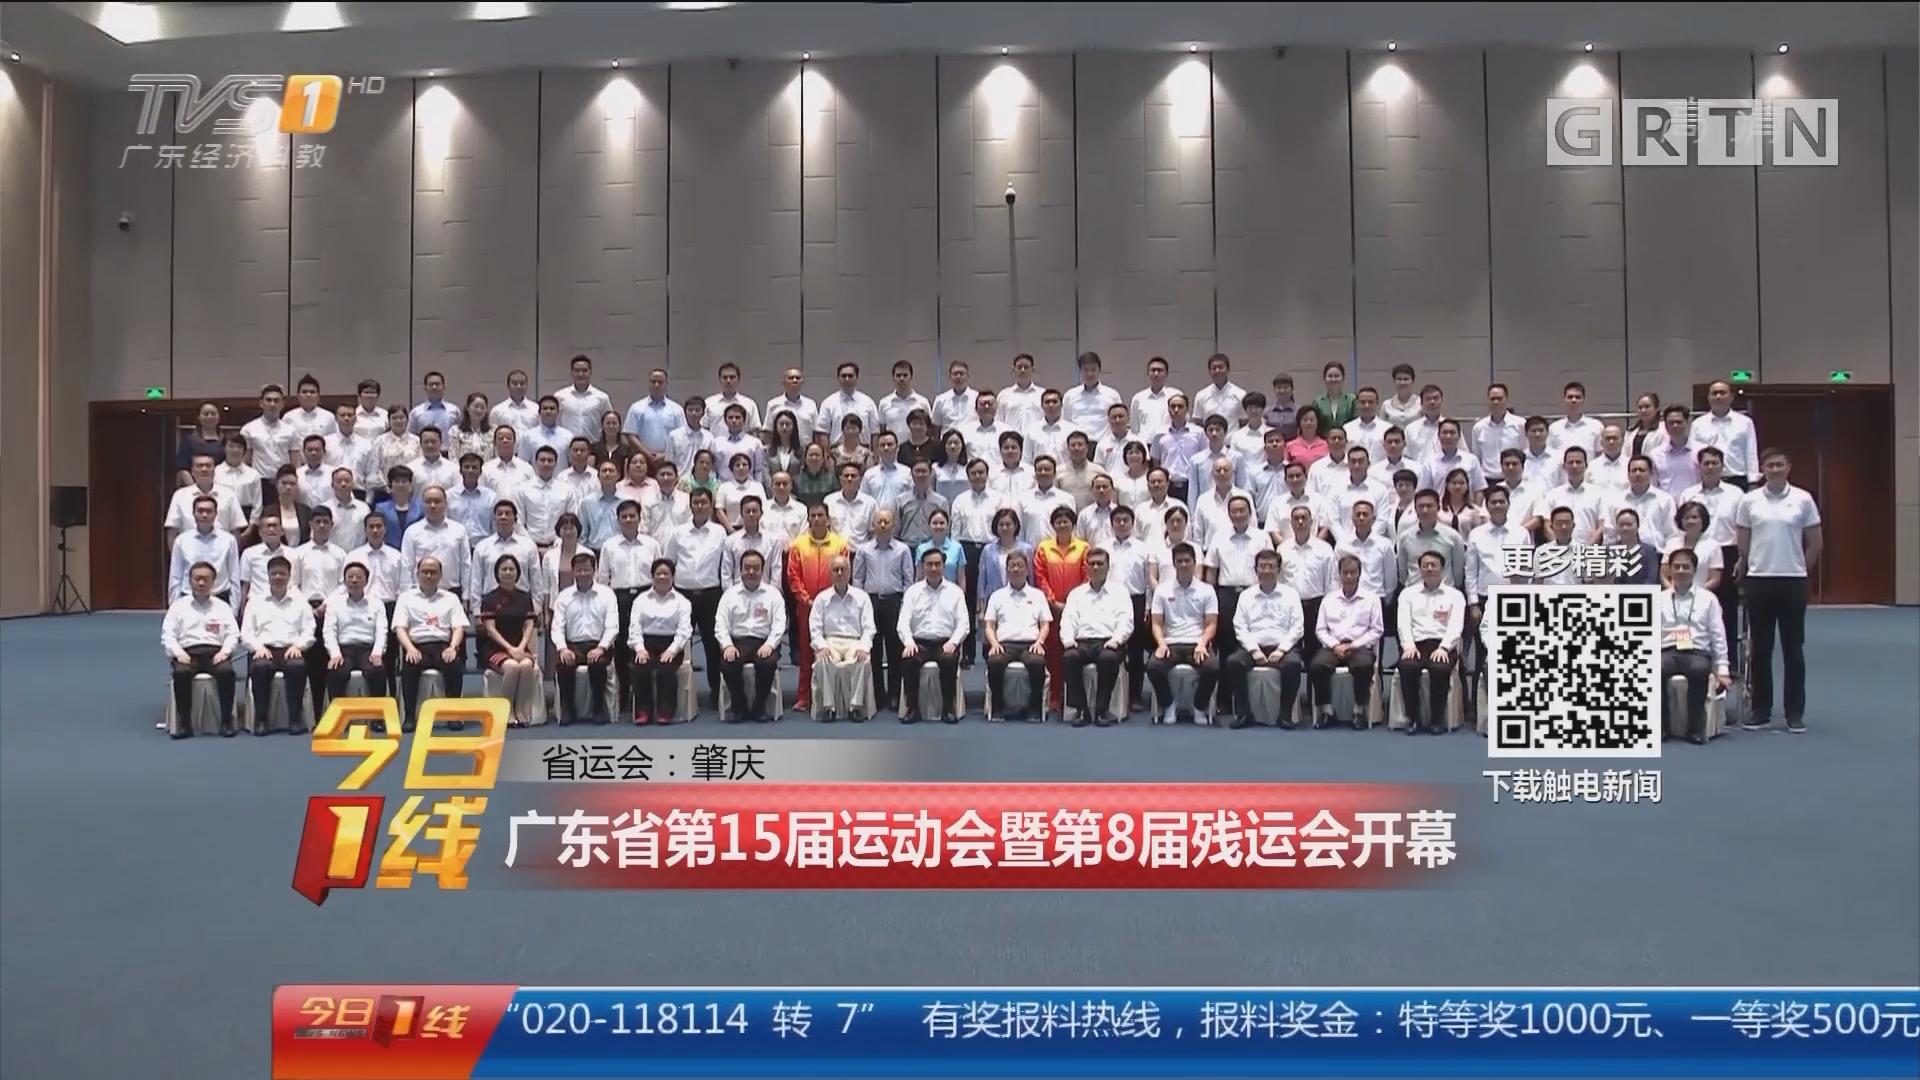 省运会:肇庆 广东省第15届运动会暨第8届残运会开幕